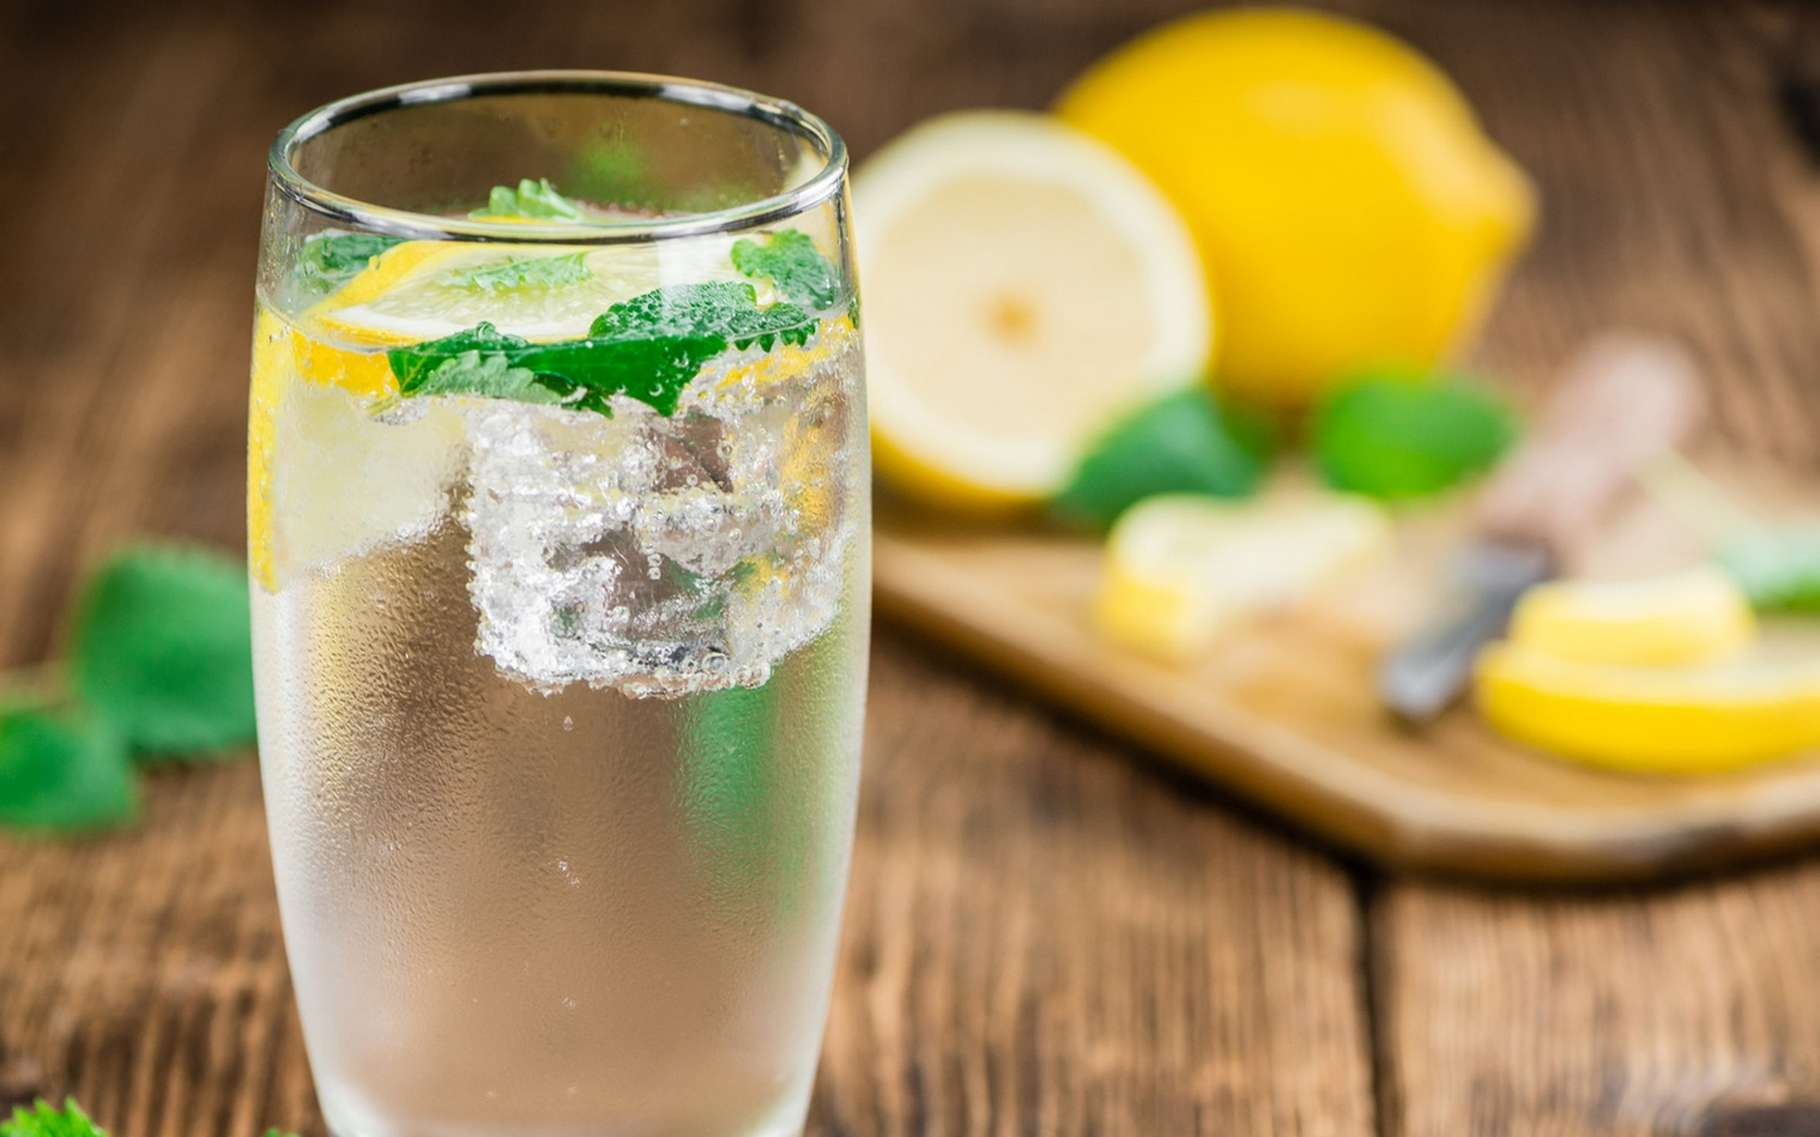 Grâce à une stimulation électrique de la langue et à un jeu de lumière, des chercheurs ont pu reproduire partiellement le goût de la limonade après avoir transmis un fichier numérique à un gobelet connecté. © HandmadePictures